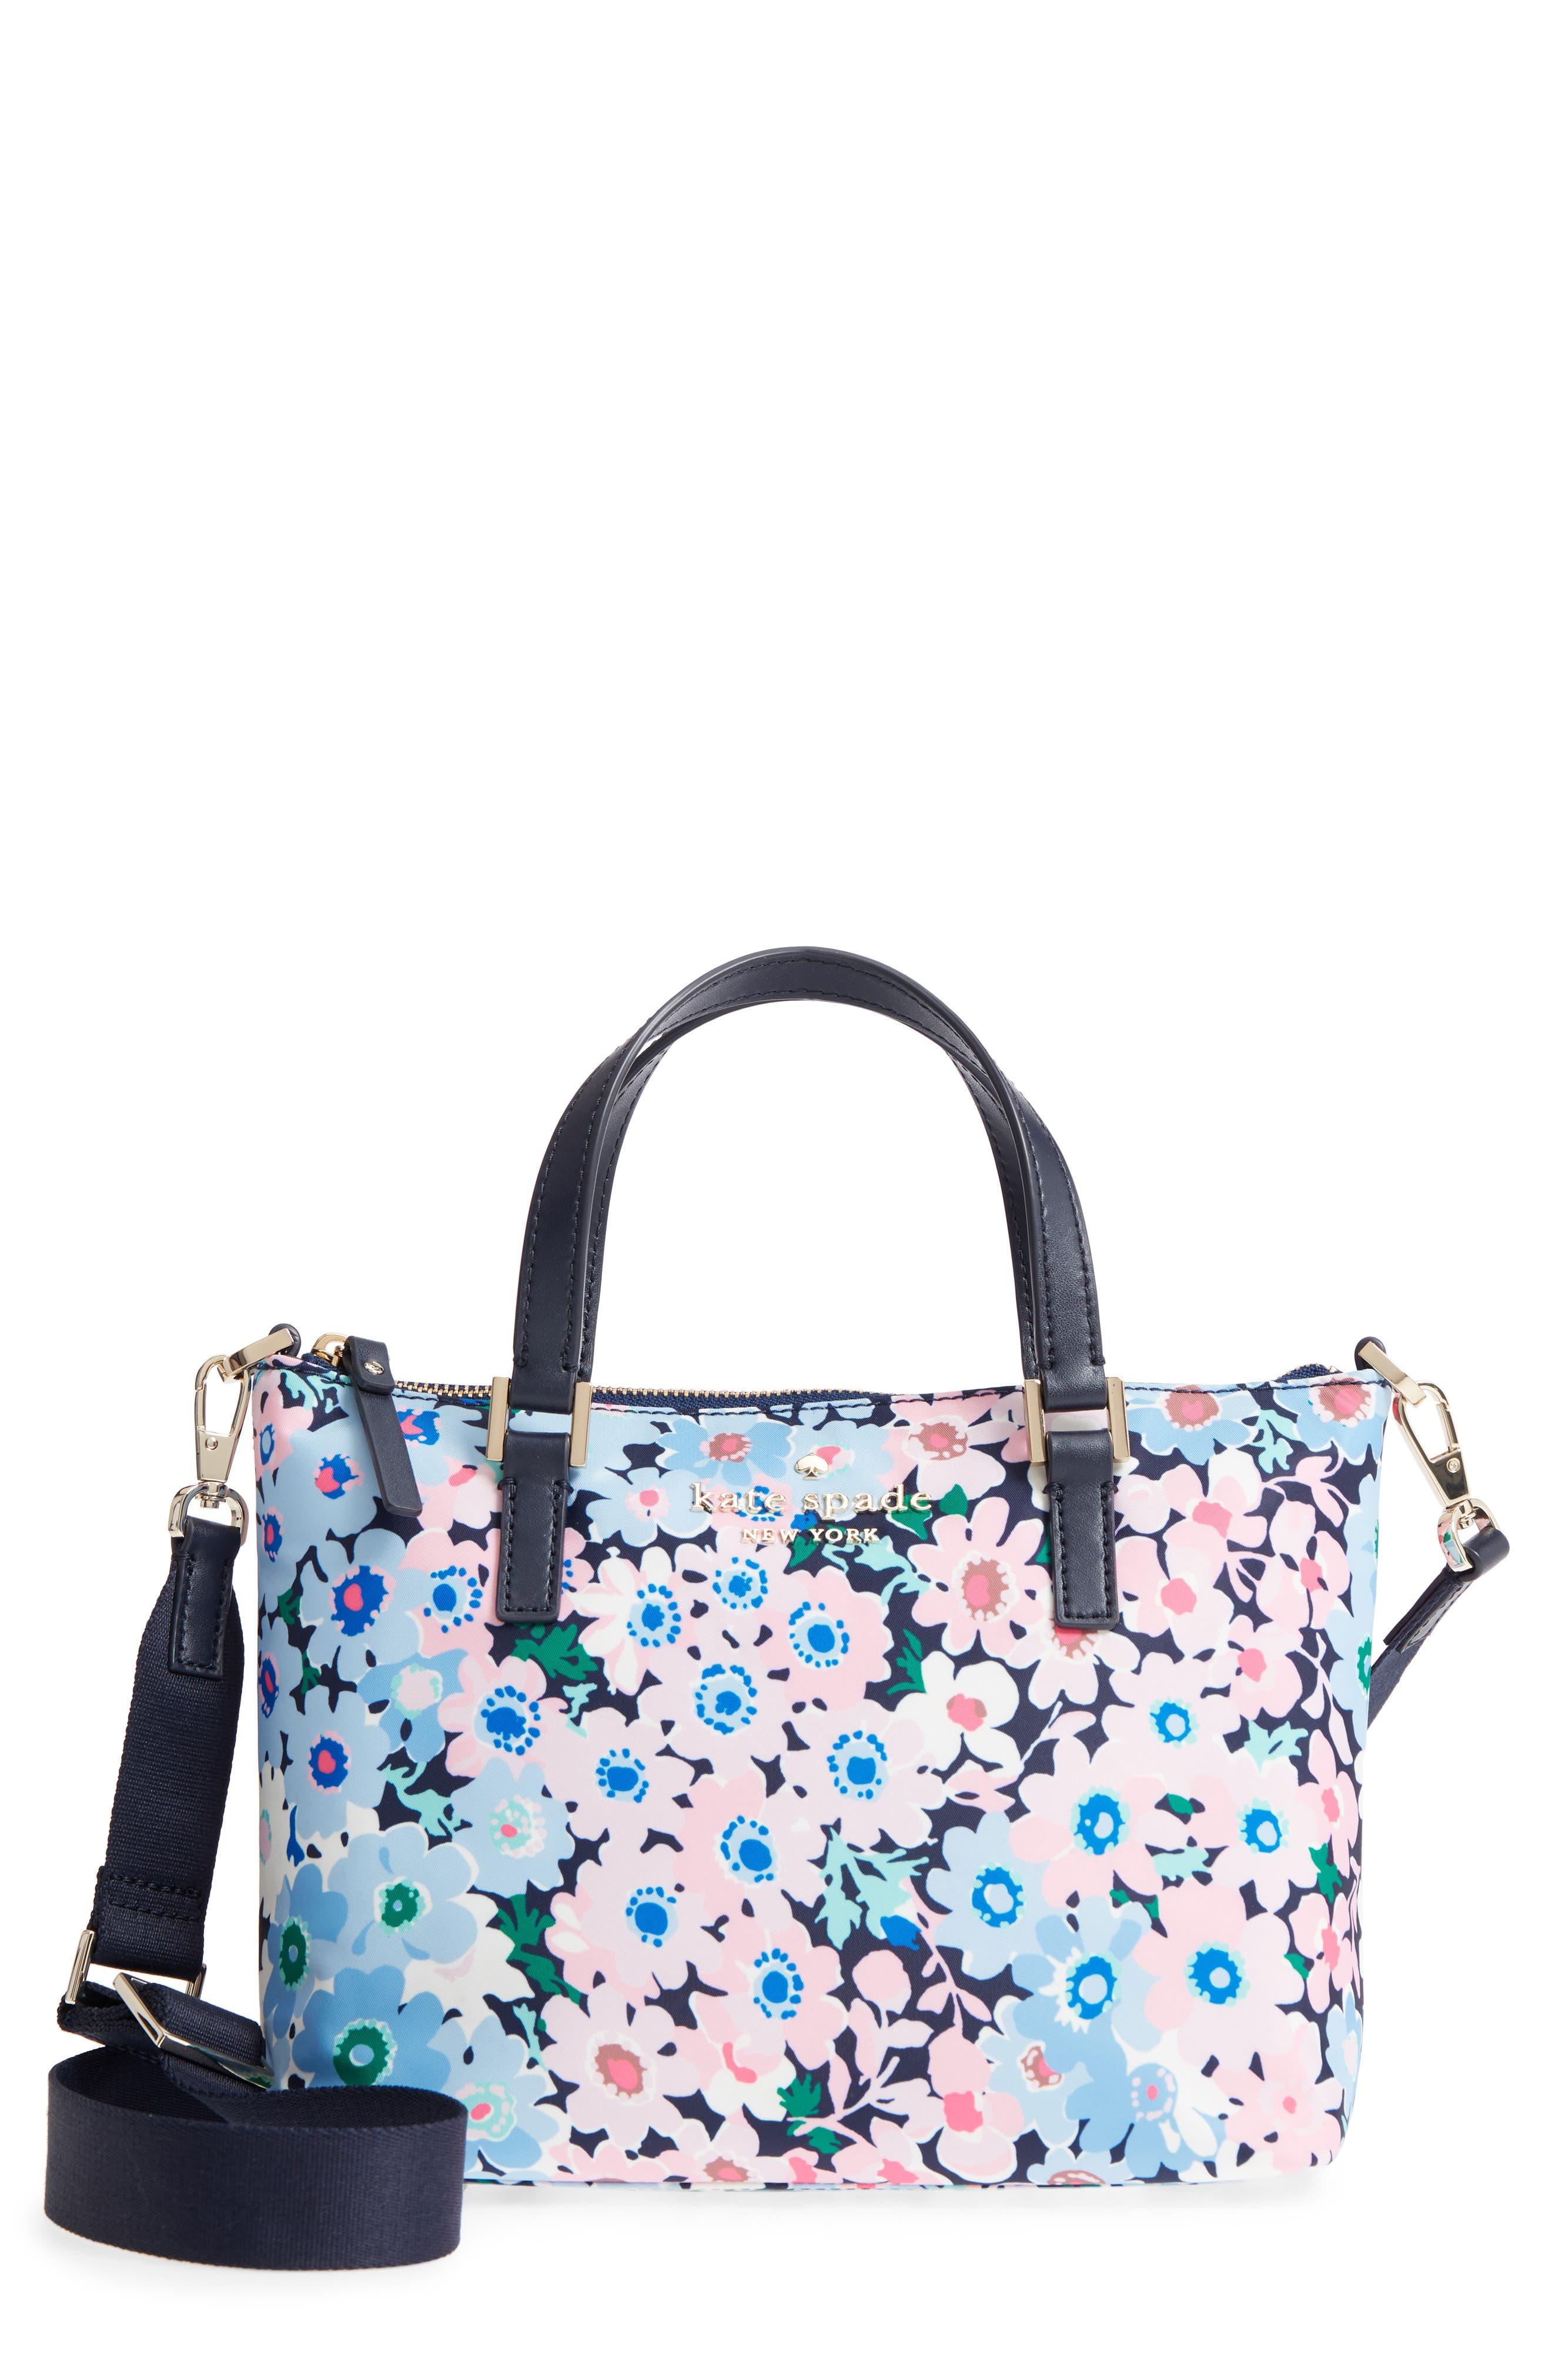 watson lane - daisy garden lucie crossbody bag,                             Main thumbnail 1, color,